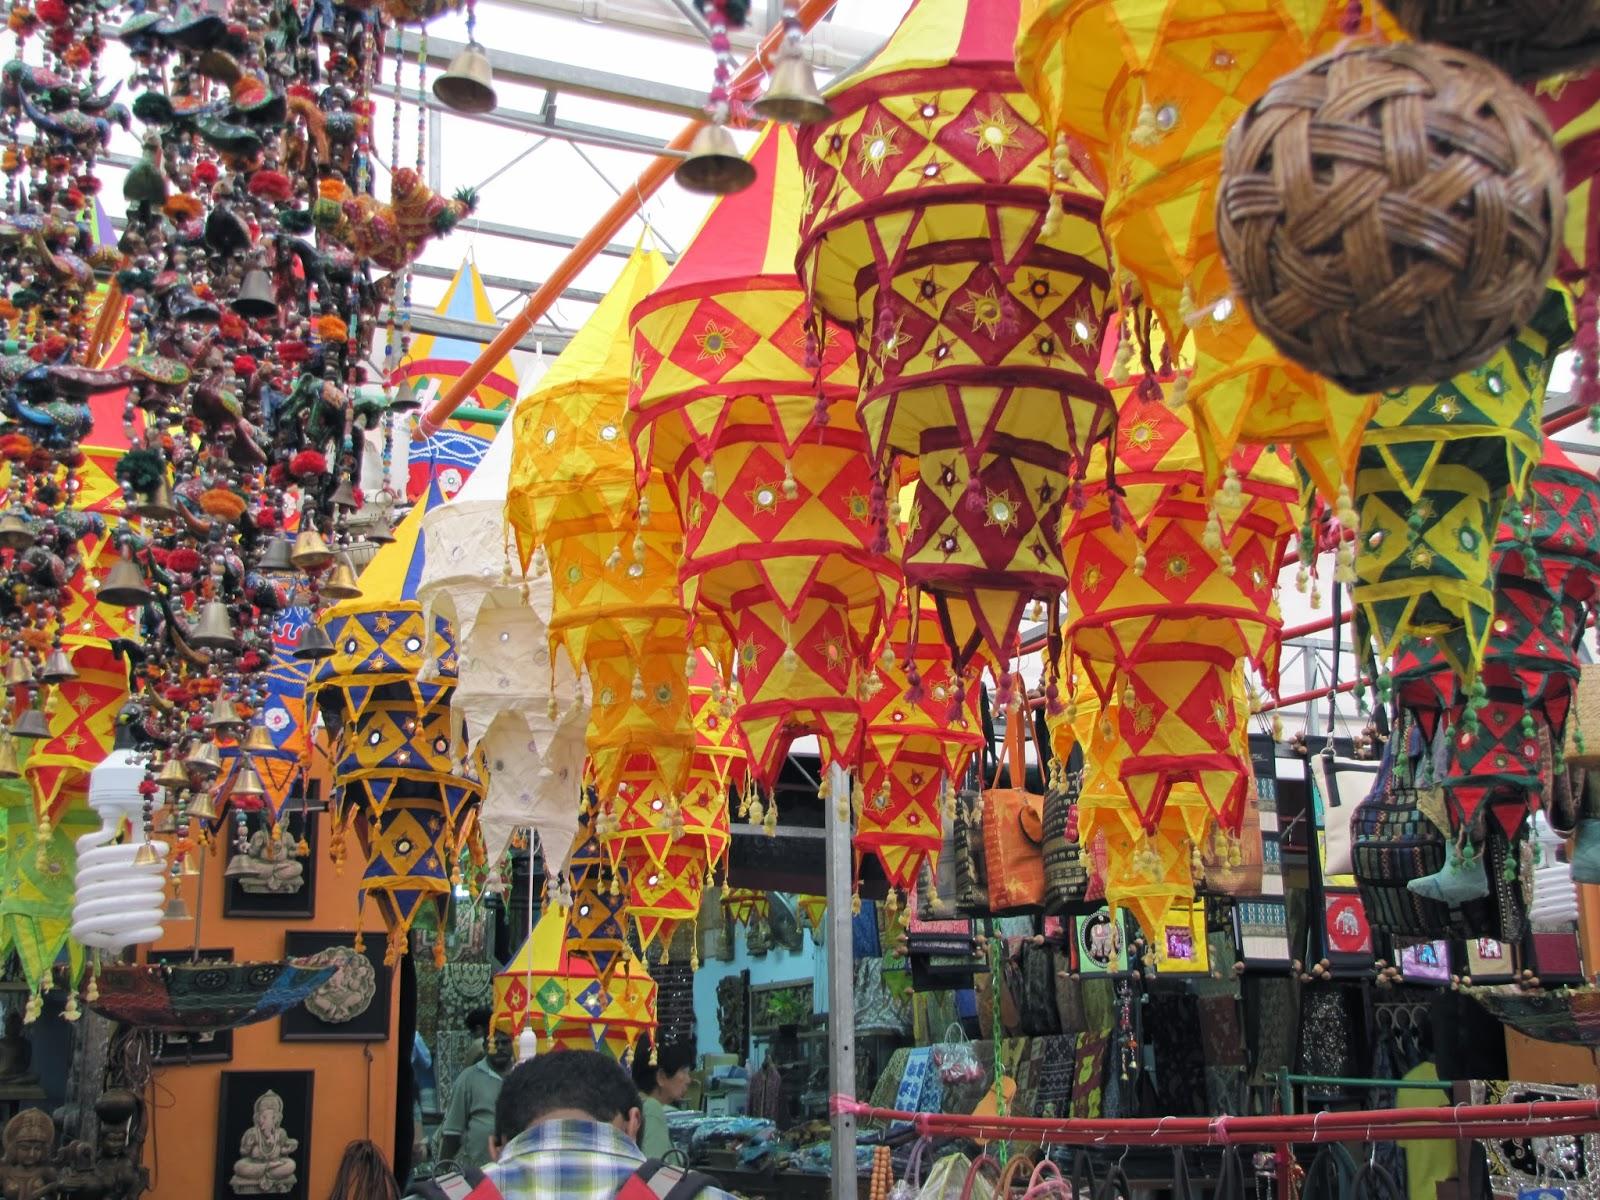 Diwali Diyas Online Shopping India: Celebrating Diwali With Volunteering India